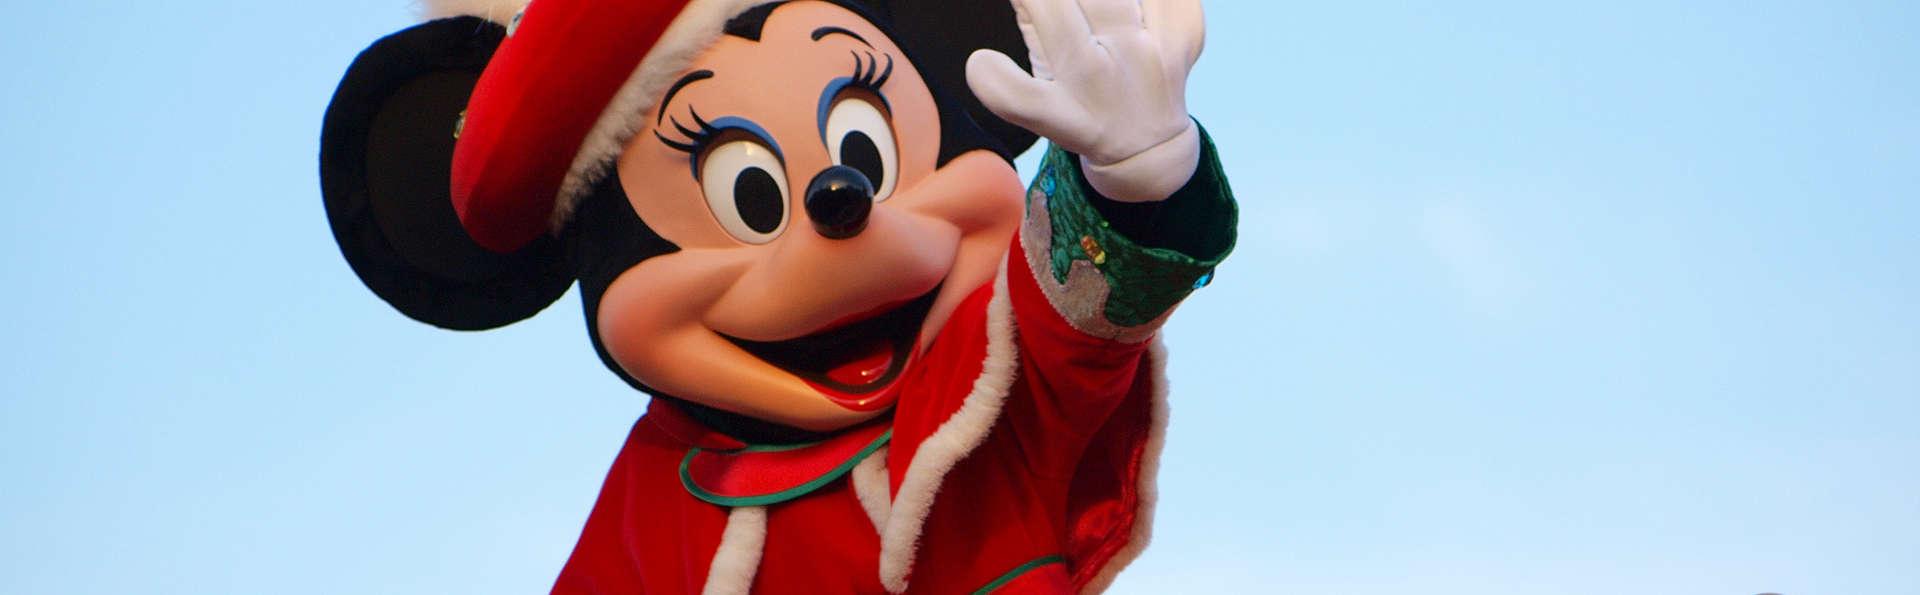 Offre spéciale: Séjour en famille à Disneyland® Paris (2 jours / 2 parcs)